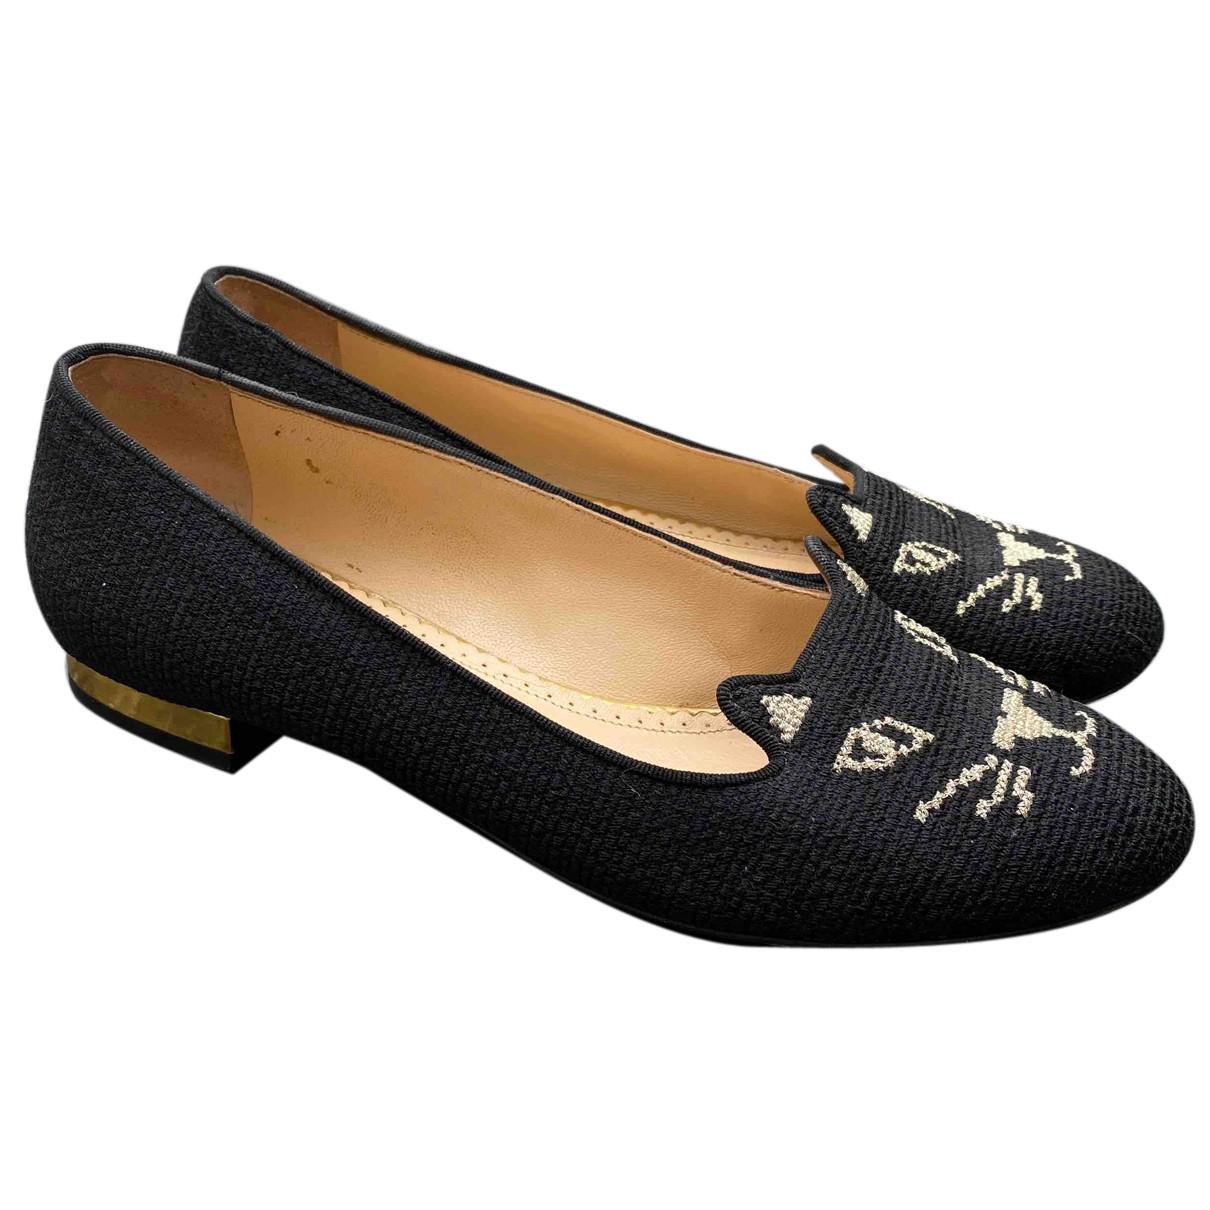 Charlotte Olympia - Ballerines Kitty pour femme en toile - noir